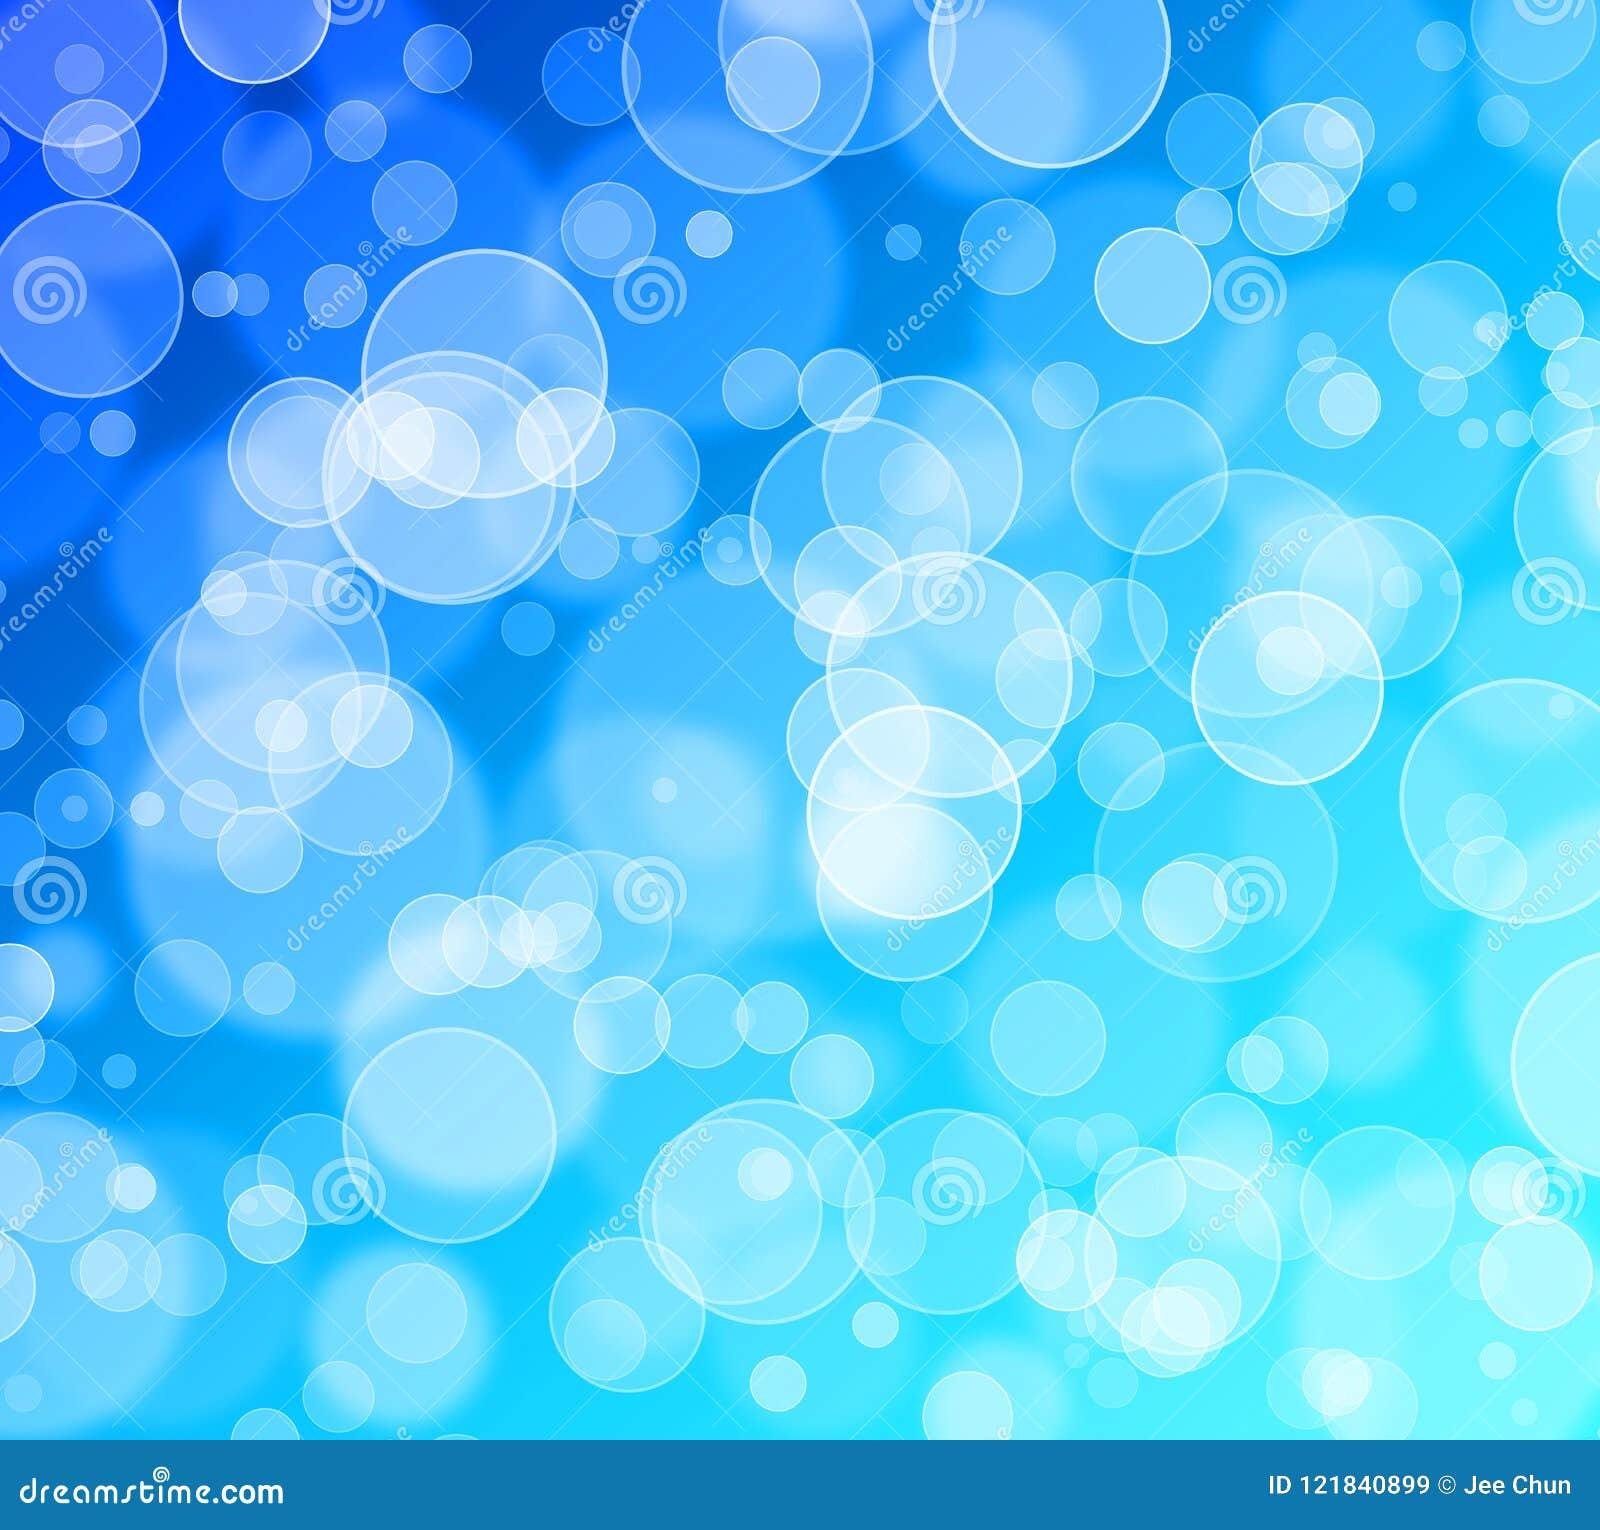 Η περίληψη bokeh ακτινοβολεί υπόβαθρο, μπλε, κυανό Φεστιβάλ, fantacy, εορτασμός Απολαύστε και ευτυχία